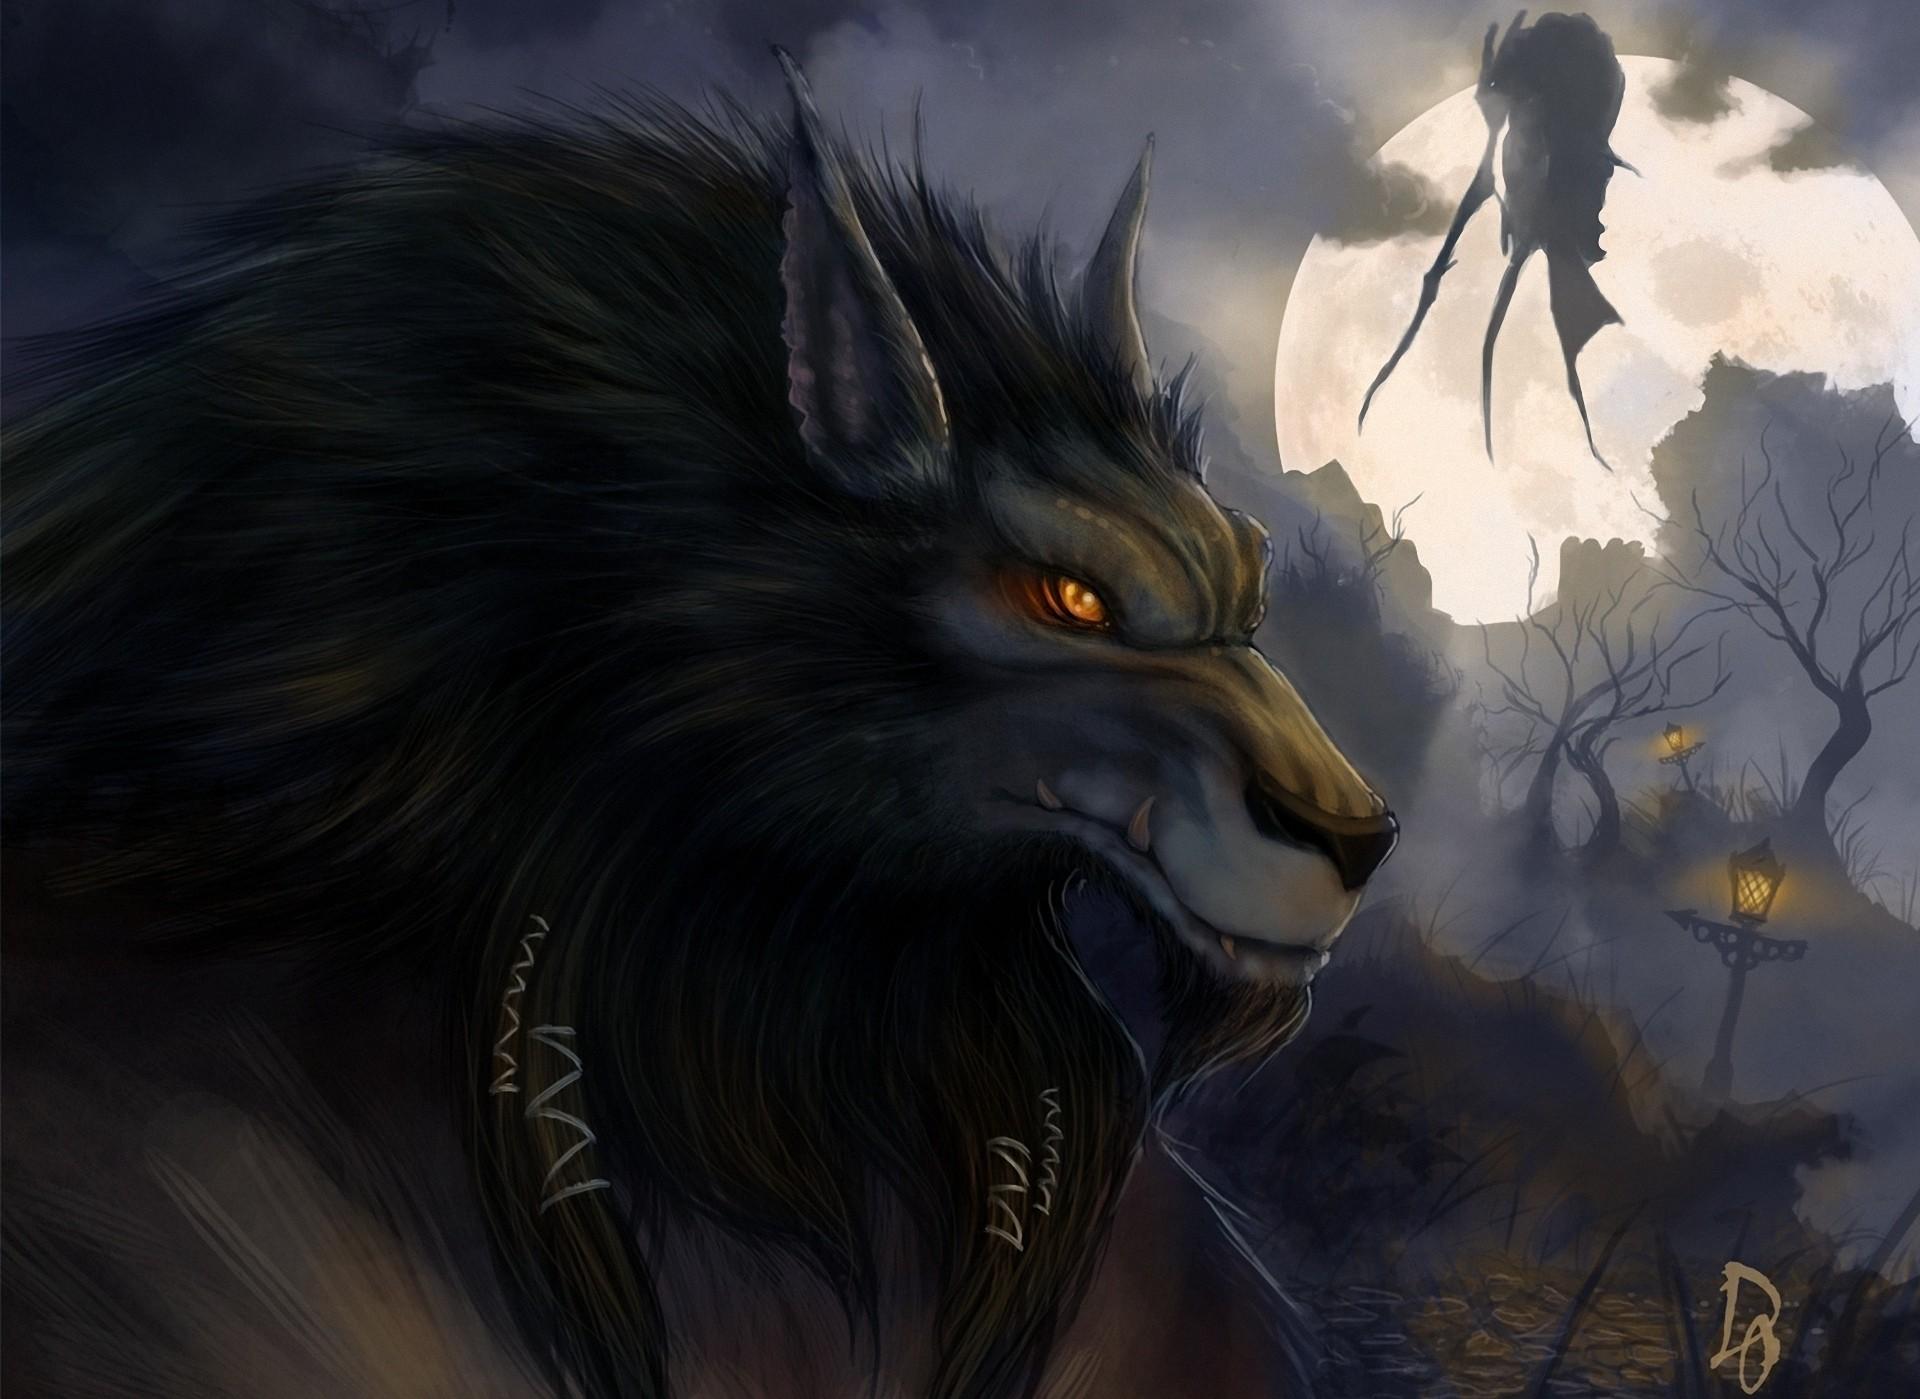 Video Game World Of Warcraft Werewolf Halloween Dark Horror Wallpaper